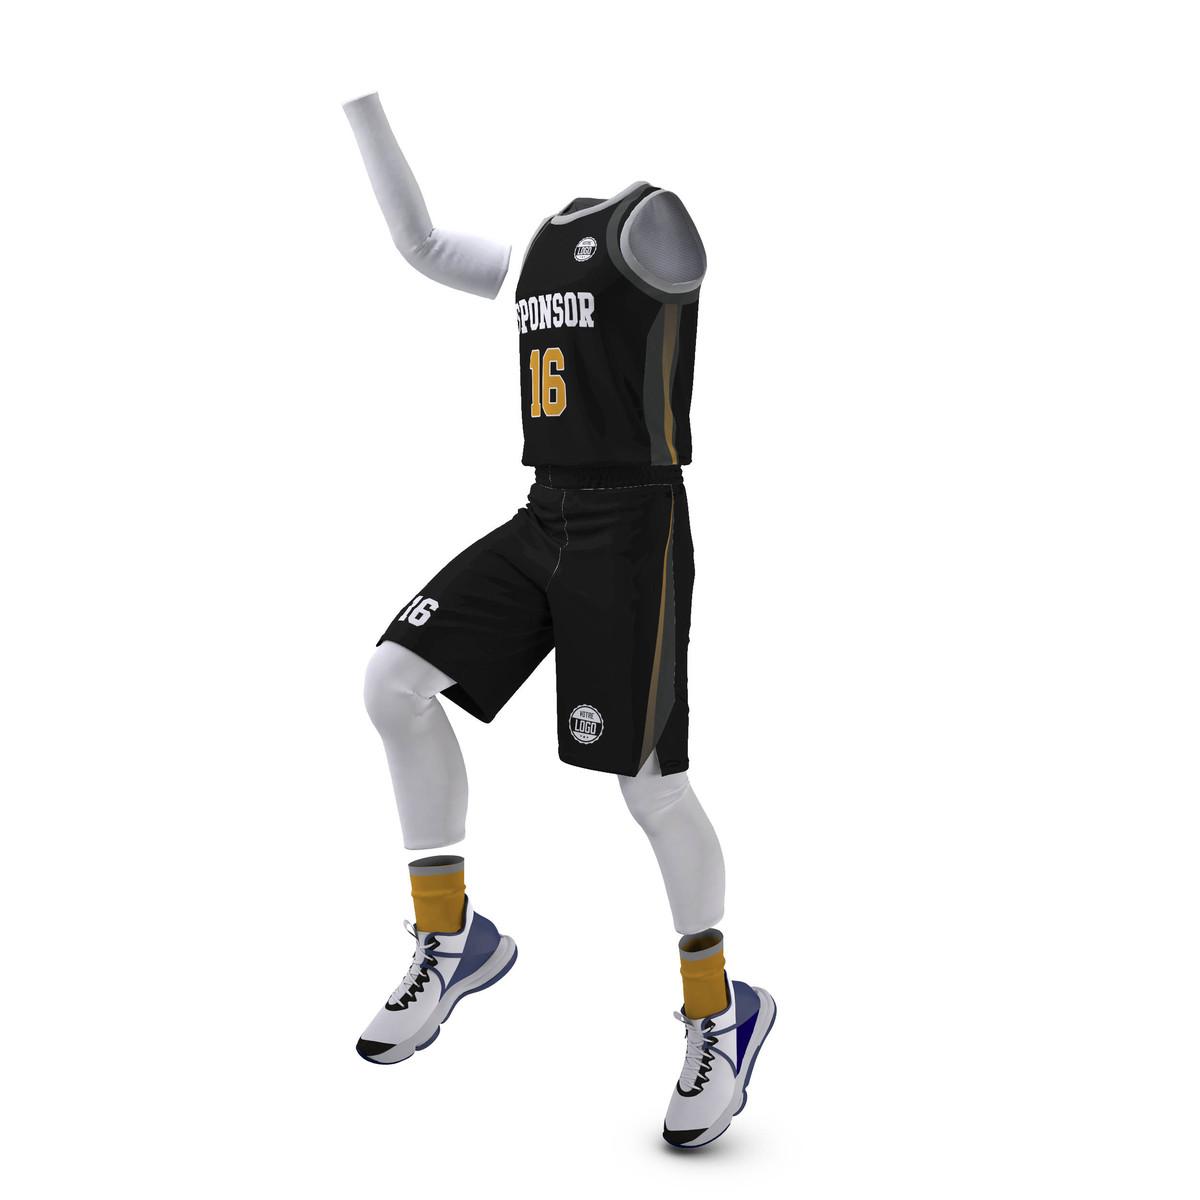 Image_basketball-08-set5-v2--0-0--5d7561f4-39d6-4943-b571-4c525dde05ef